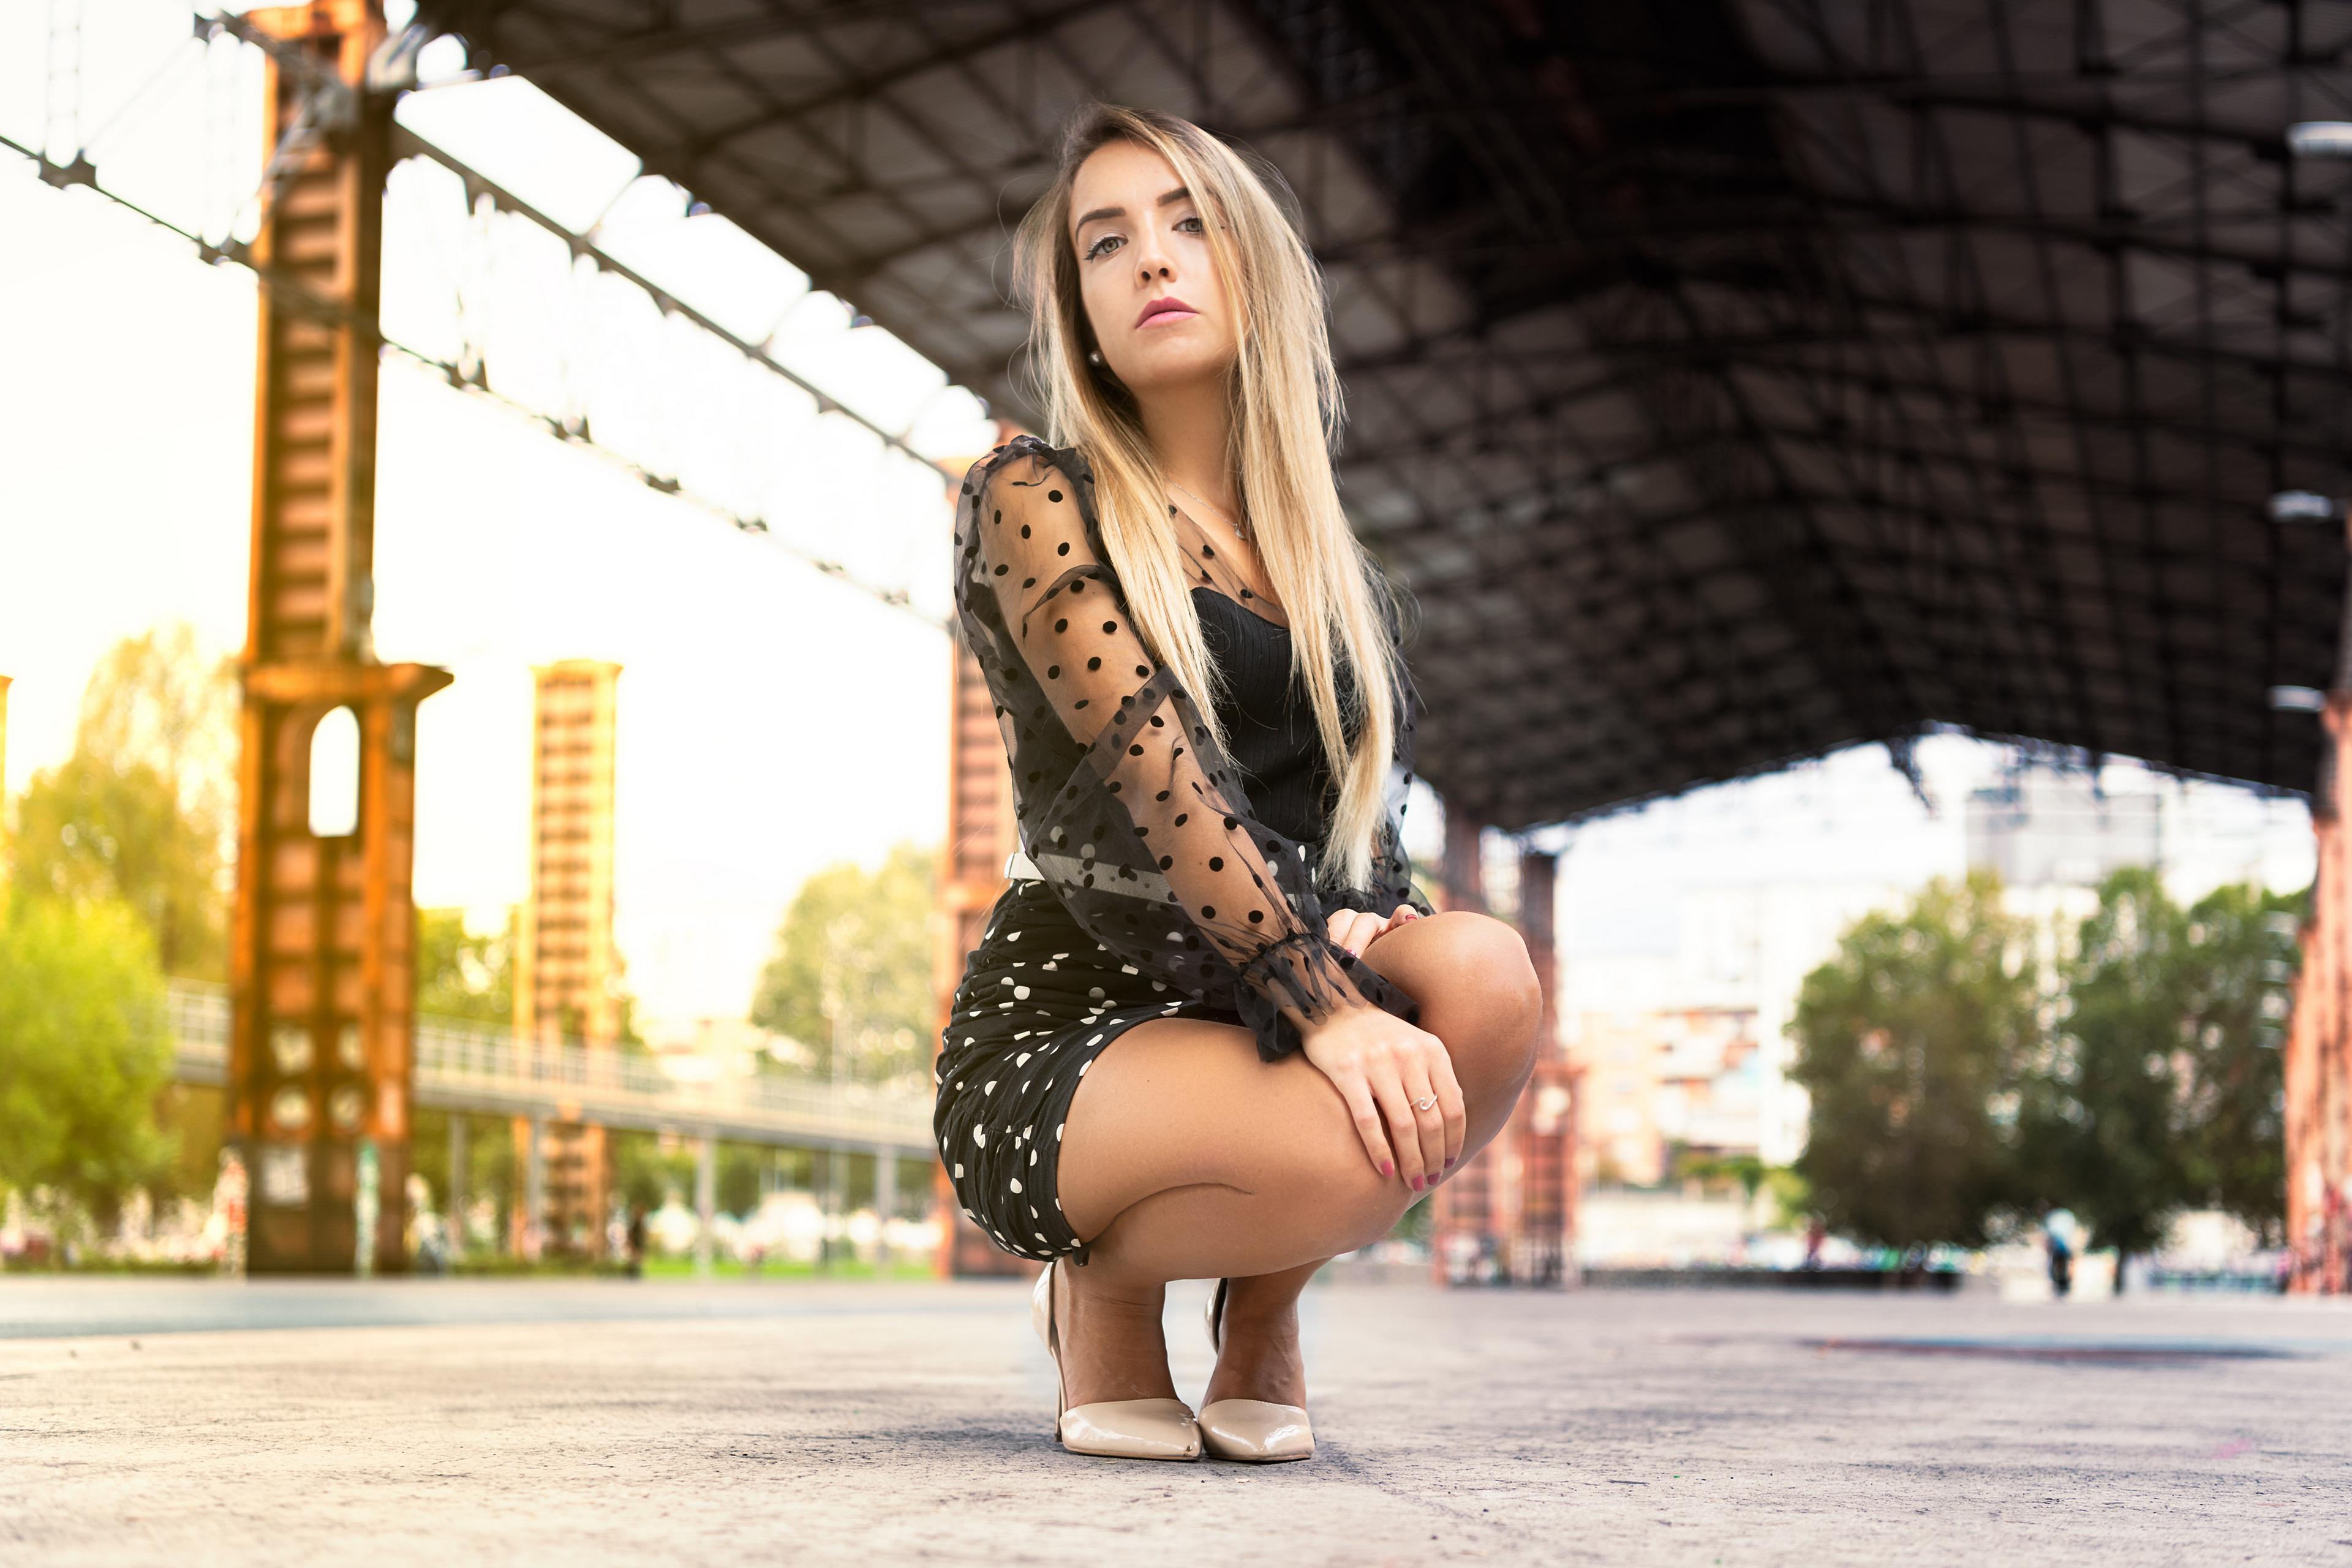 Обои для рабочего стола блондинок Federica Девушки сидящие Взгляд платья 3840x2560 блондинки Блондинка девушка молодая женщина молодые женщины сидя Сидит смотрит смотрят Платье